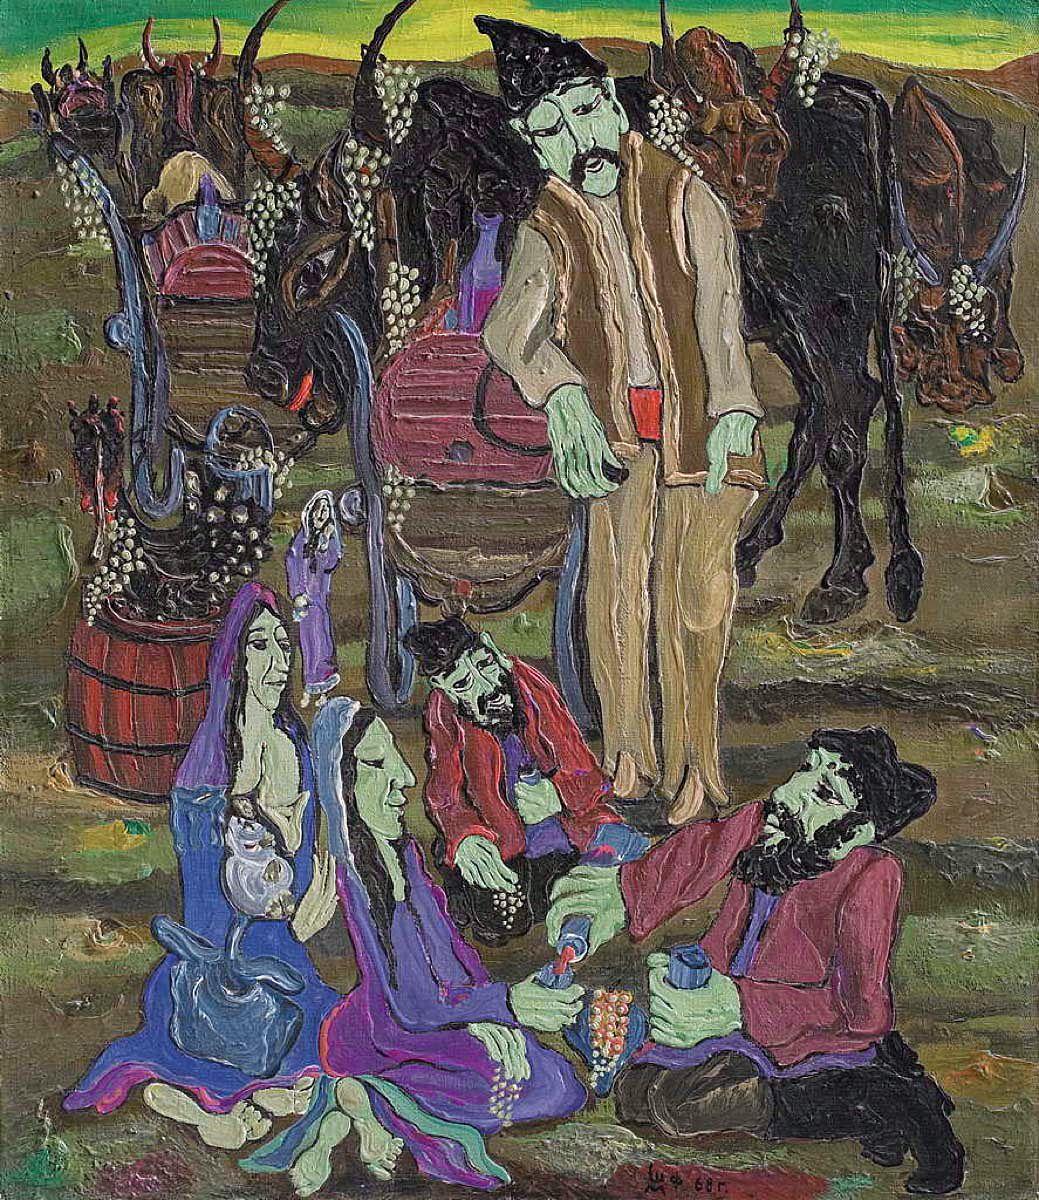 Міша Штейнберг. Збір врожаю, 1968